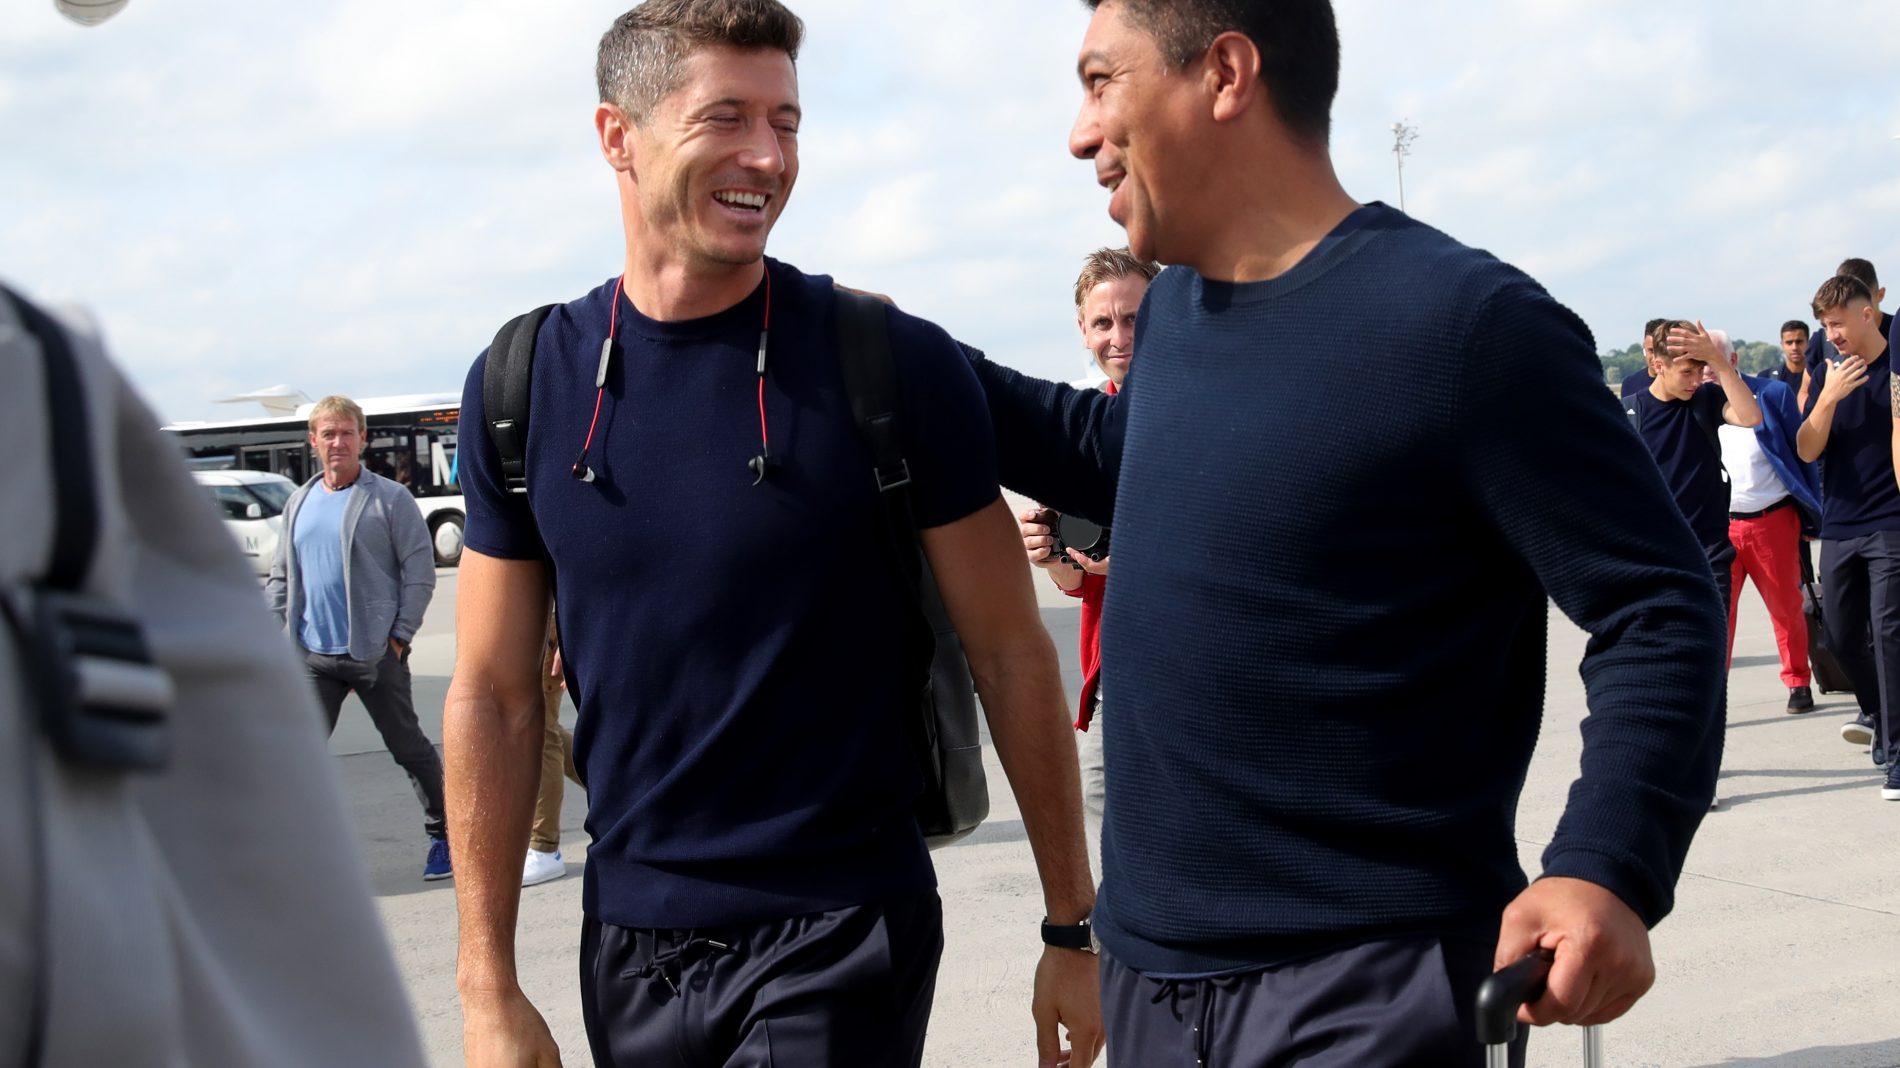 埃尔伯:拜仁在巴萨面前不能自称热门,因为他们有梅西